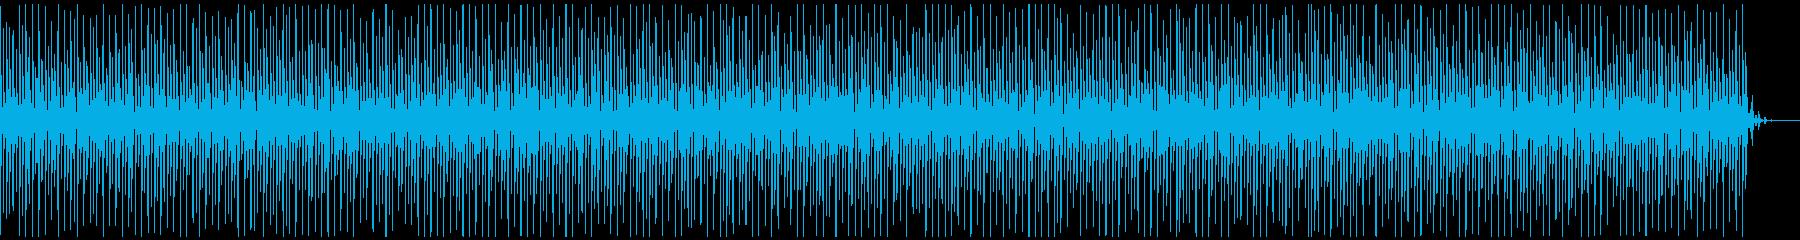 [ニュース報道]フラット、ヘッドラインの再生済みの波形